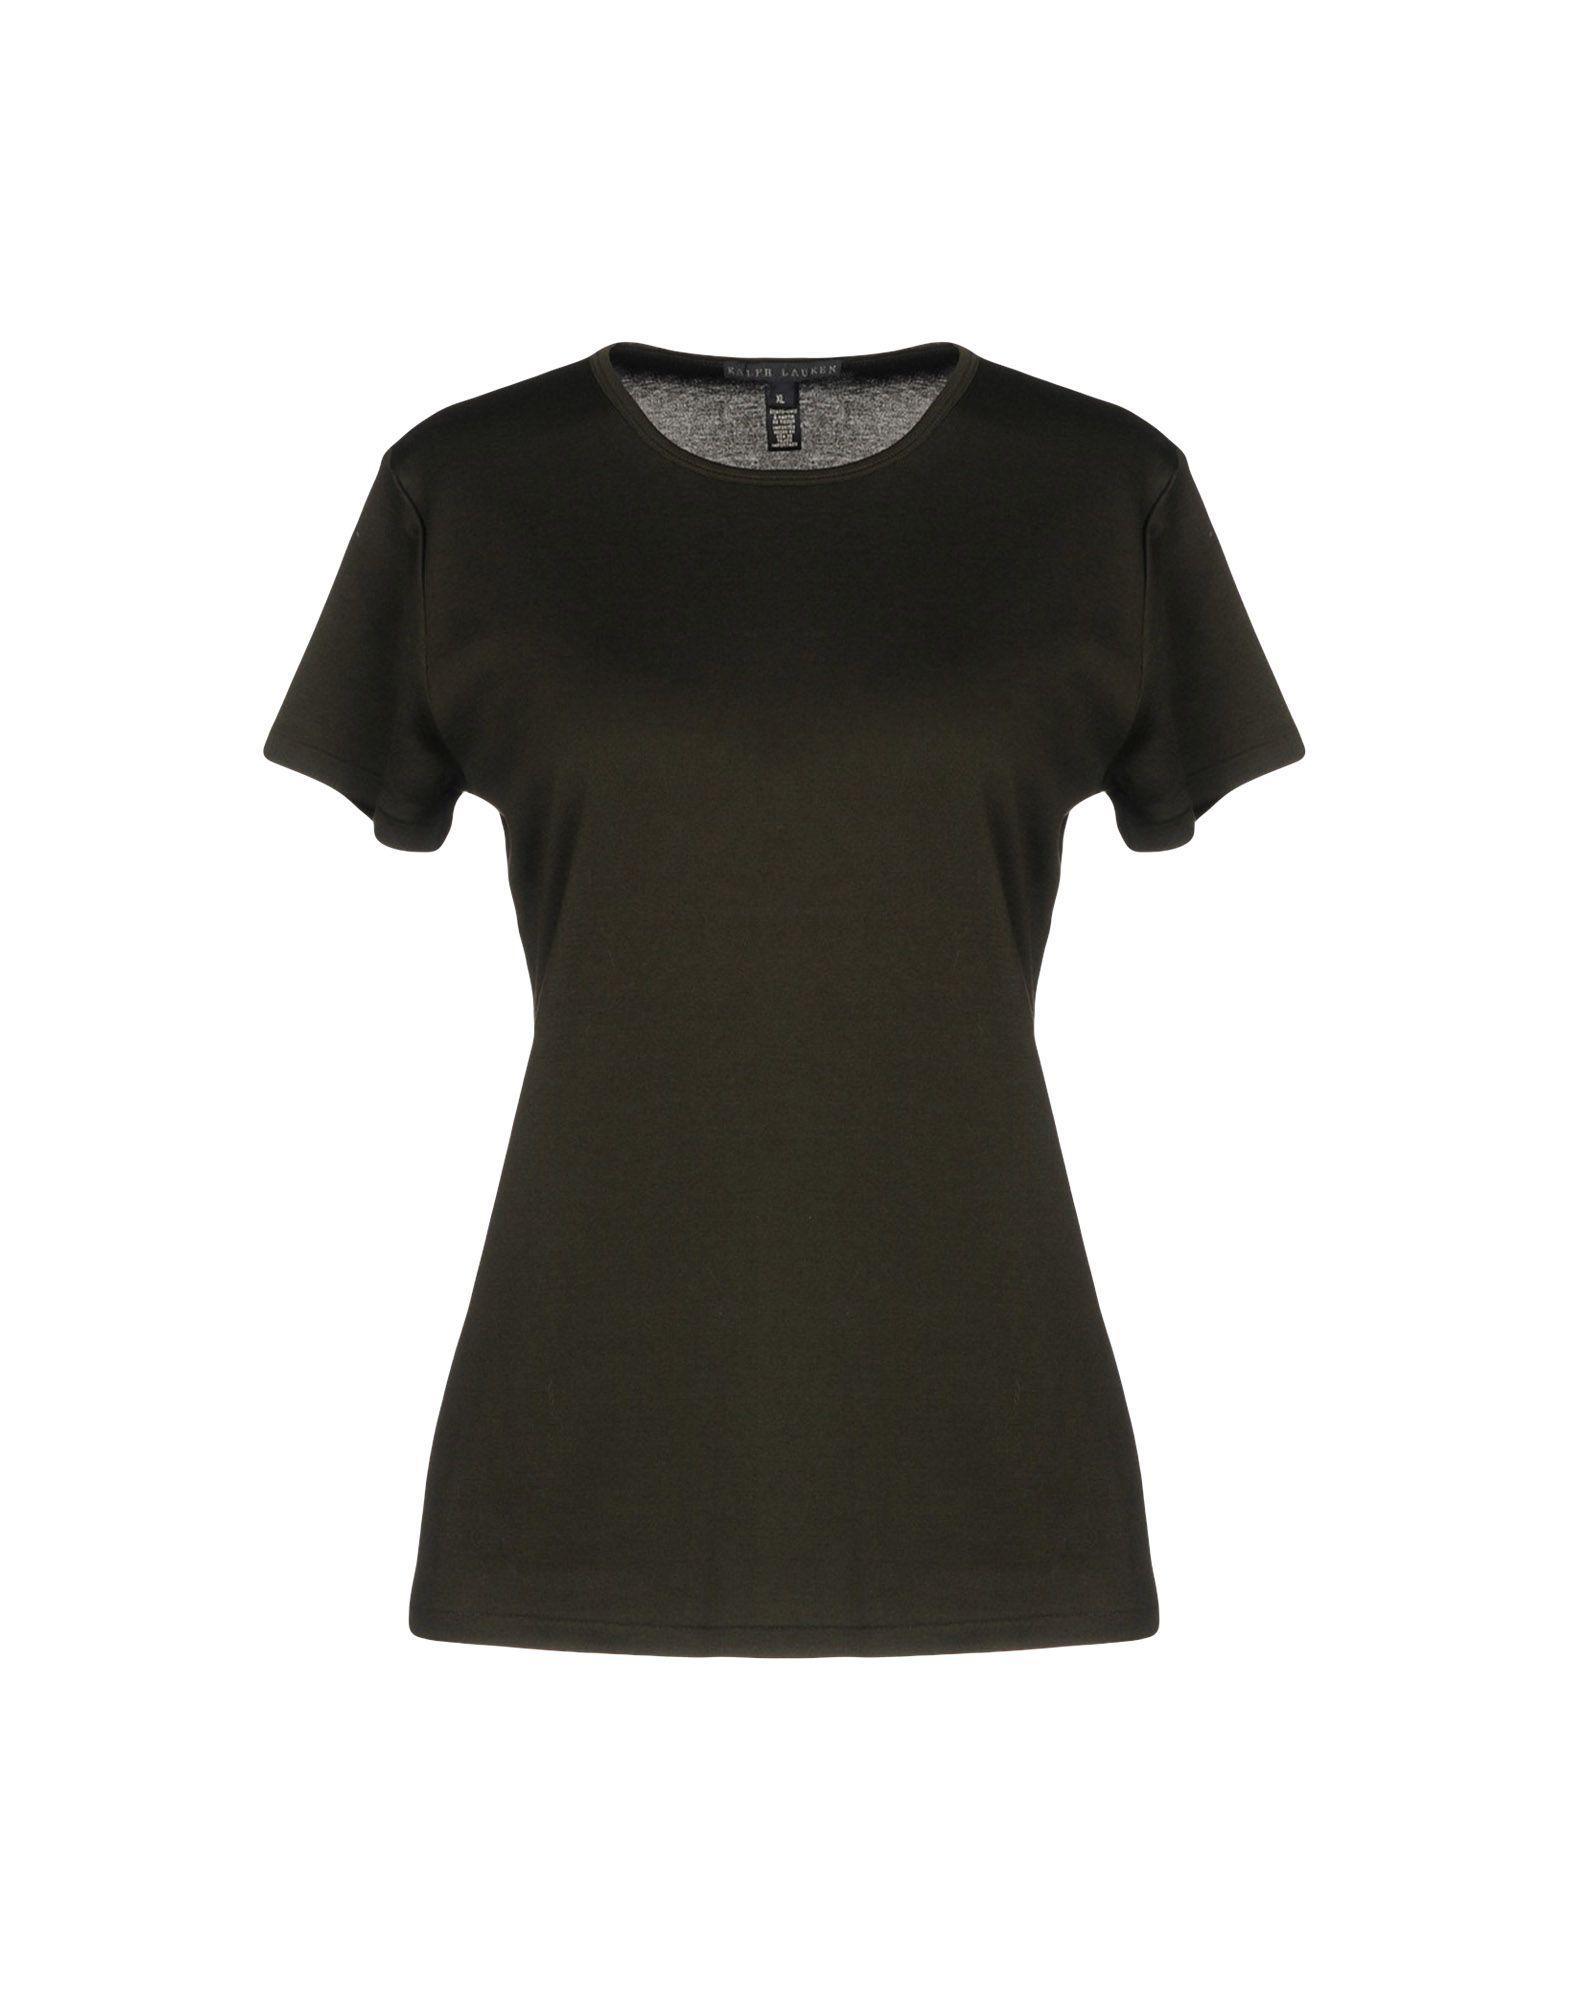 Ralph Lauren T-shirt In Military Green